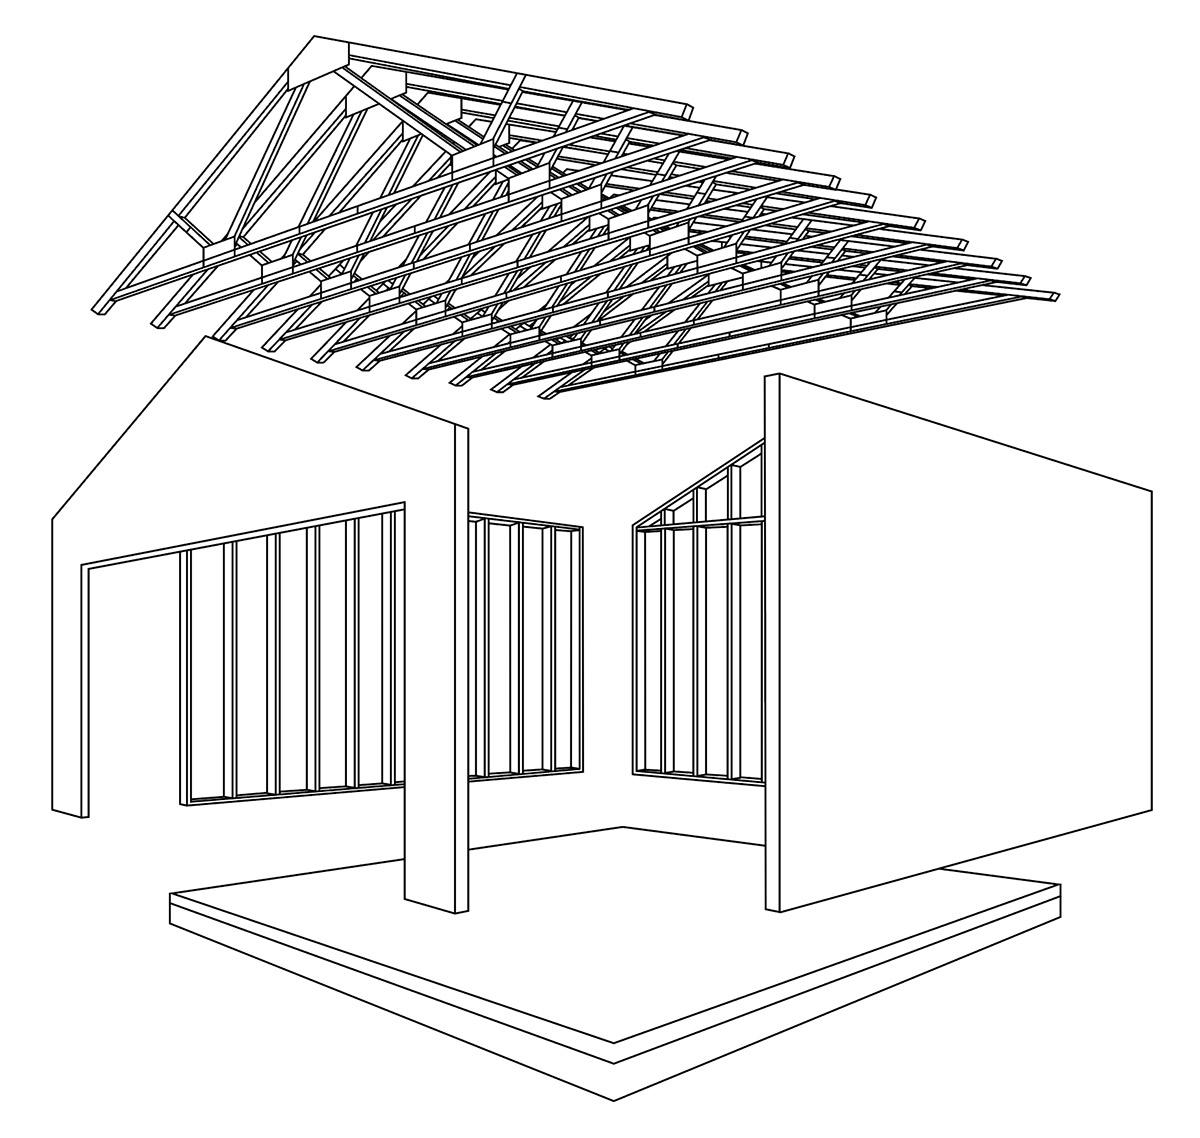 構造版と枠組み材を一体化させた僕像枠組壁構法(2×4工法)